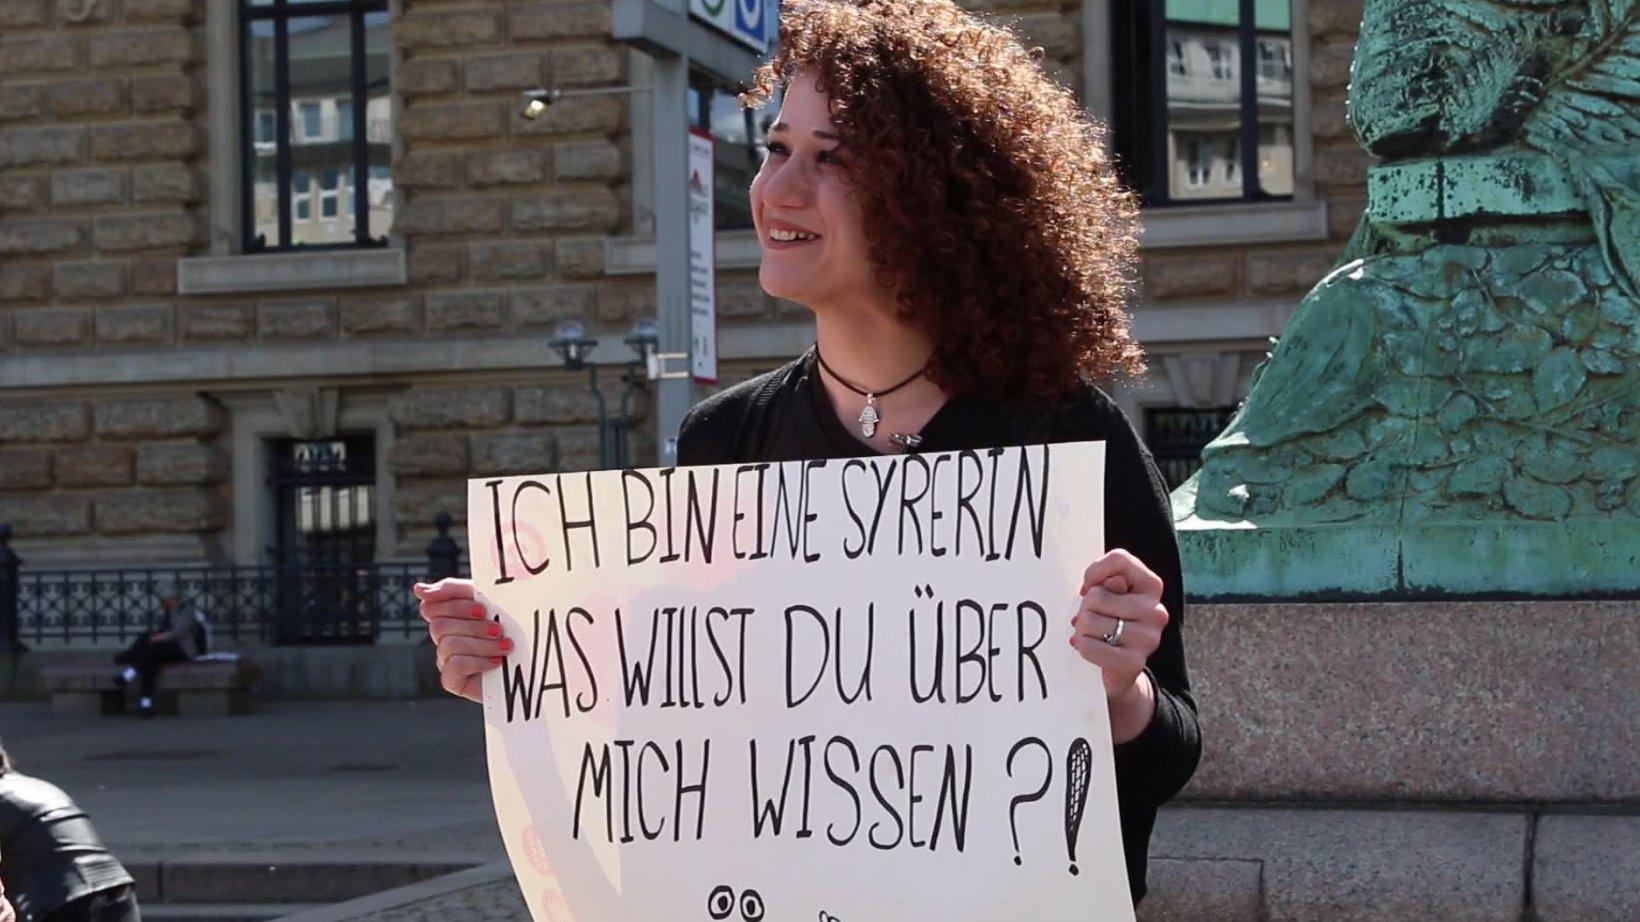 KOLUMNE: Ich bin eine Syrerin - Was willst du über mich wissen?